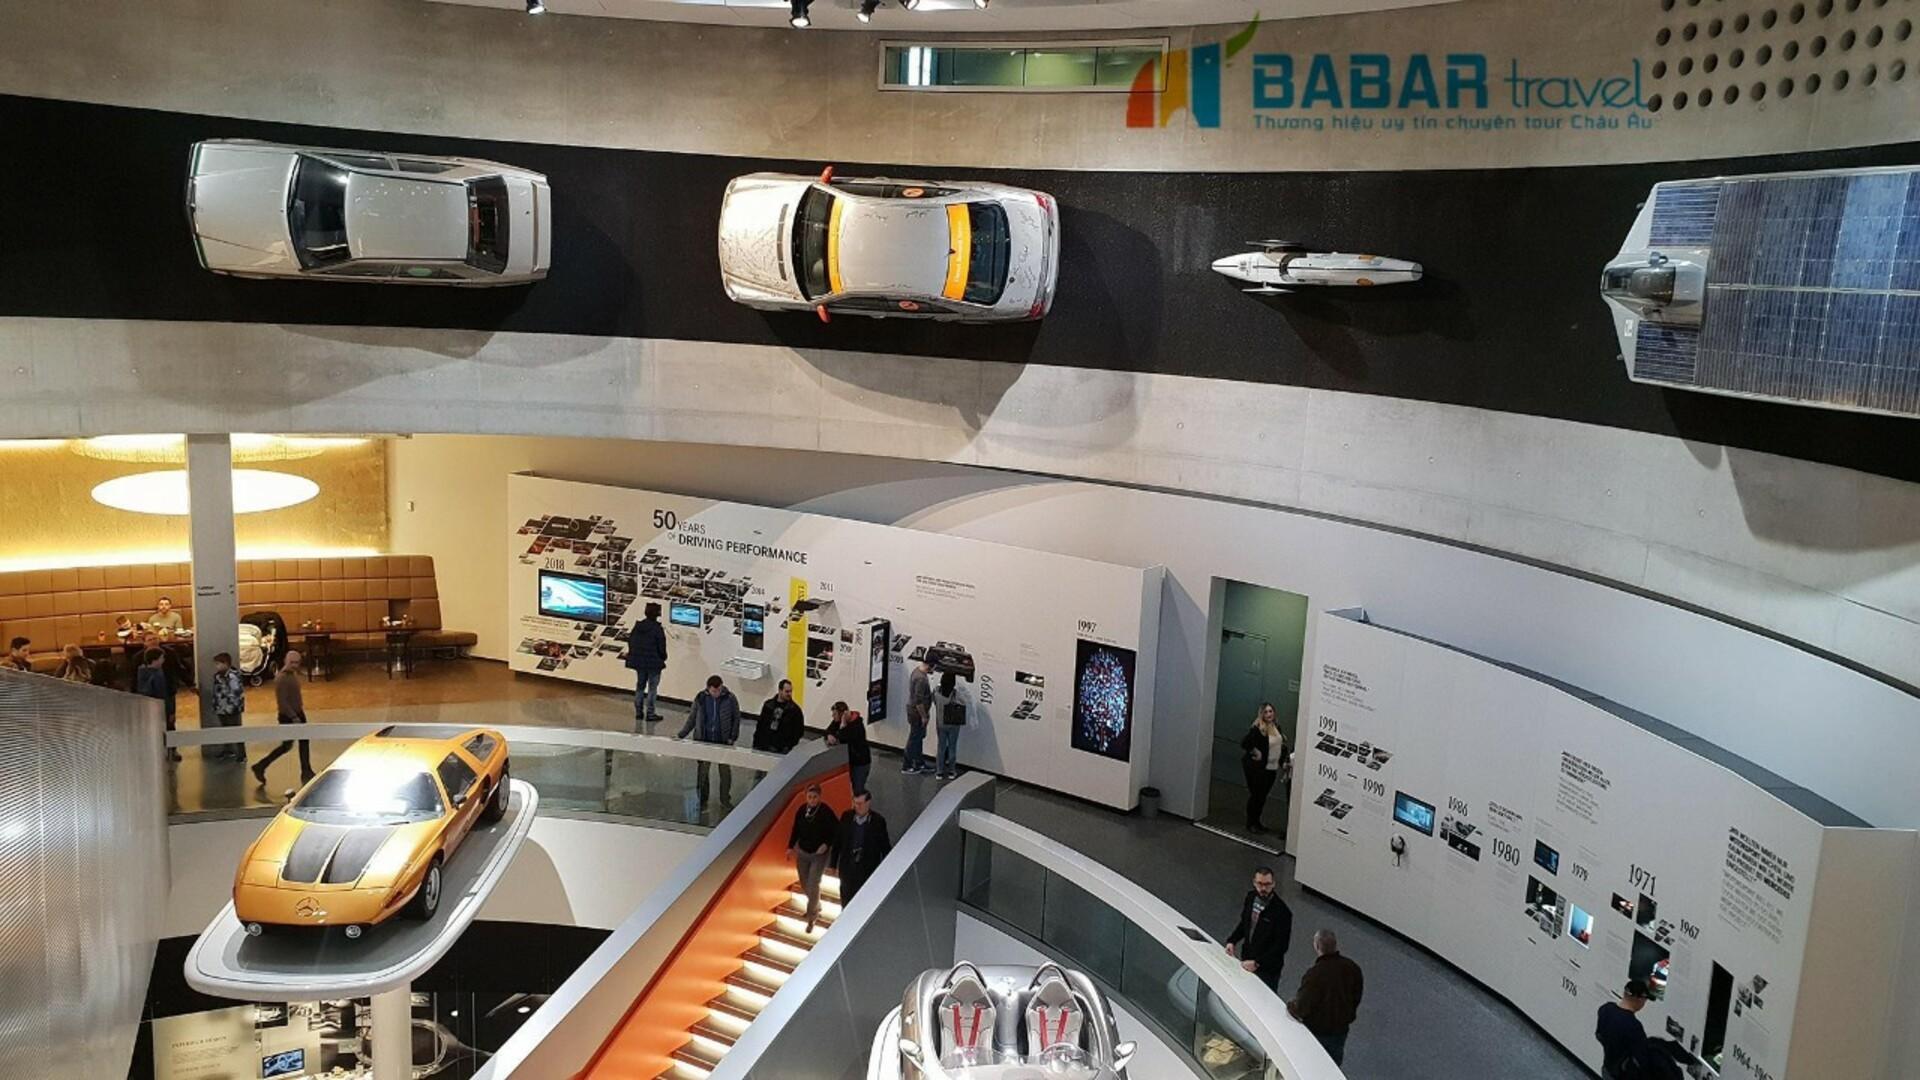 Bảo tàng Mercedes-Benz  - Bảo tàng ẩn chứa 100 năm lịch sử của các mẫu xe